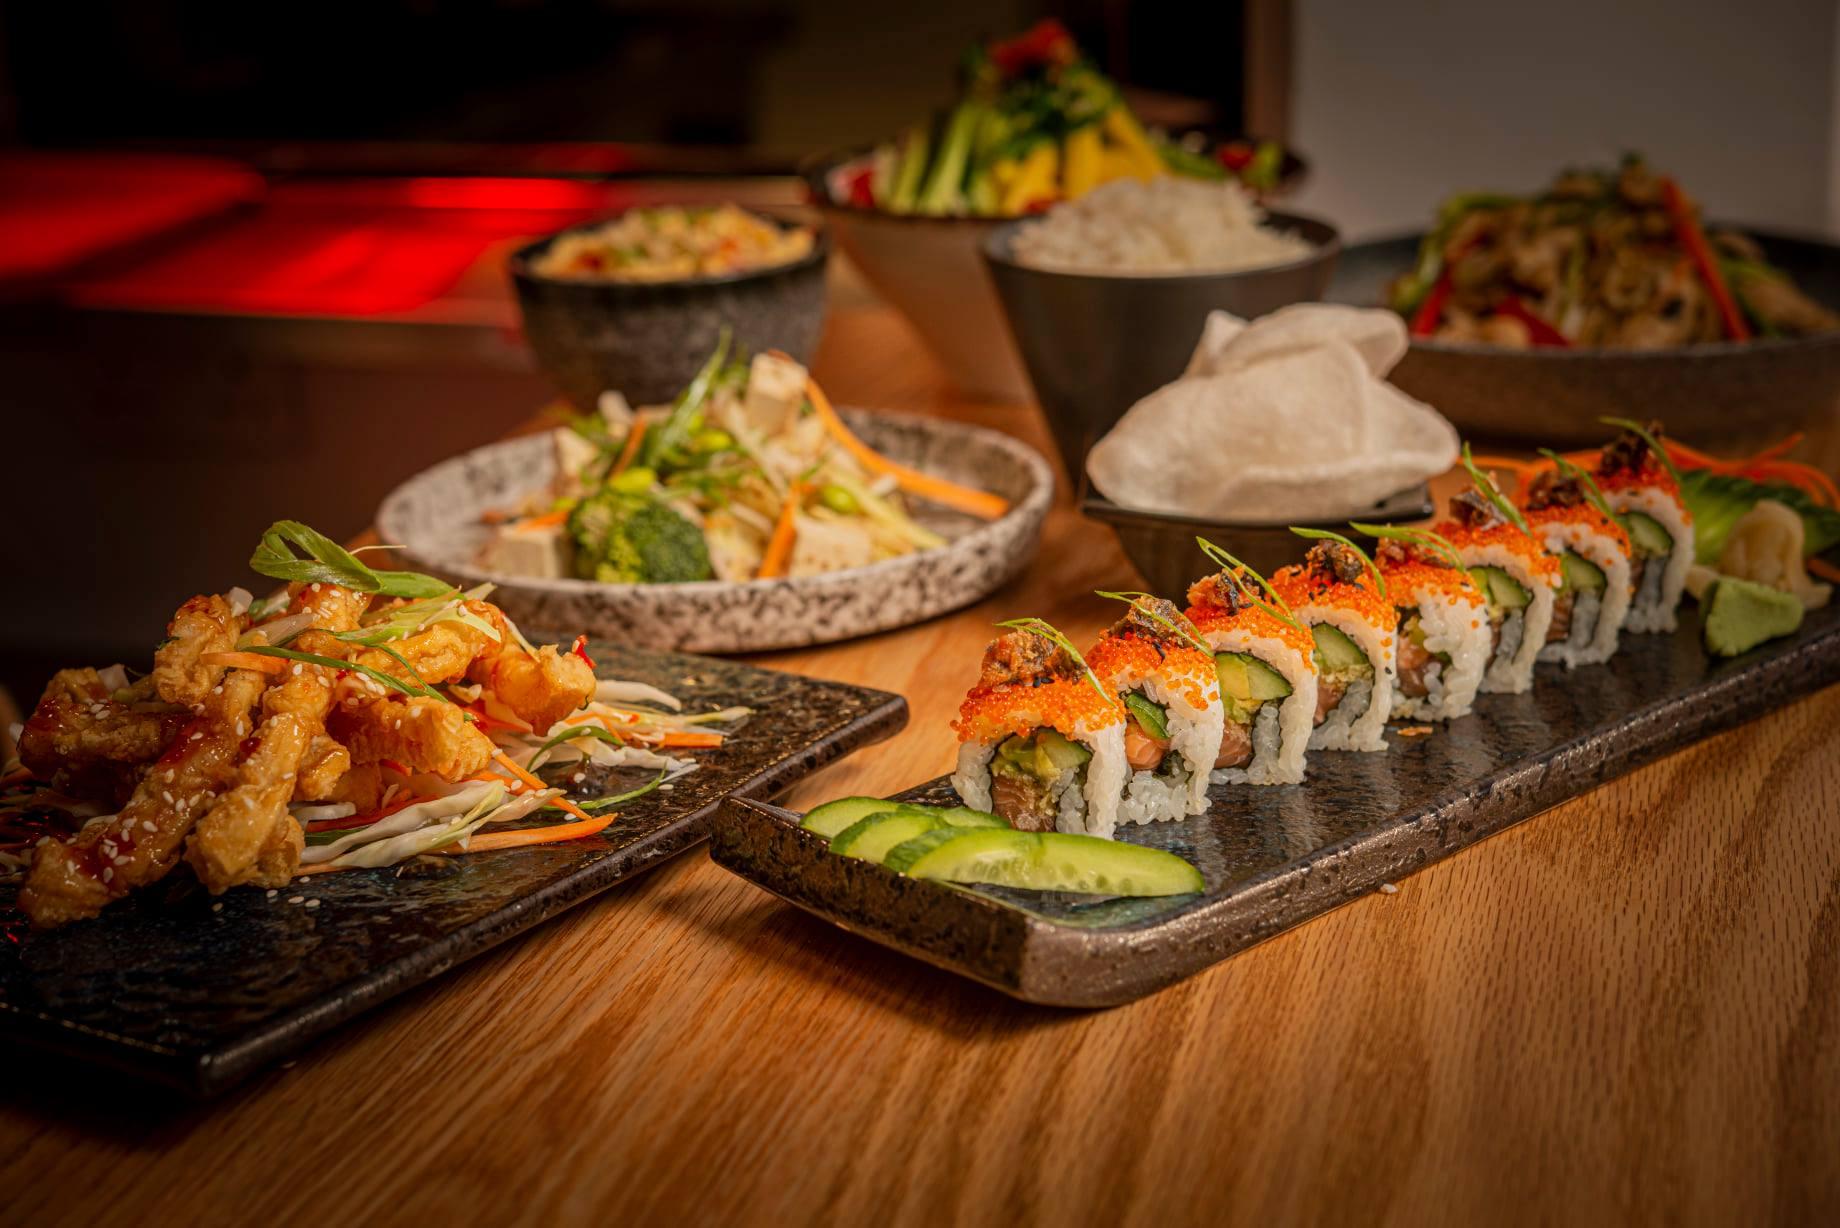 Γνωστό sushi bar της πόλης επαναλειτουργεί με delivery και takeaway